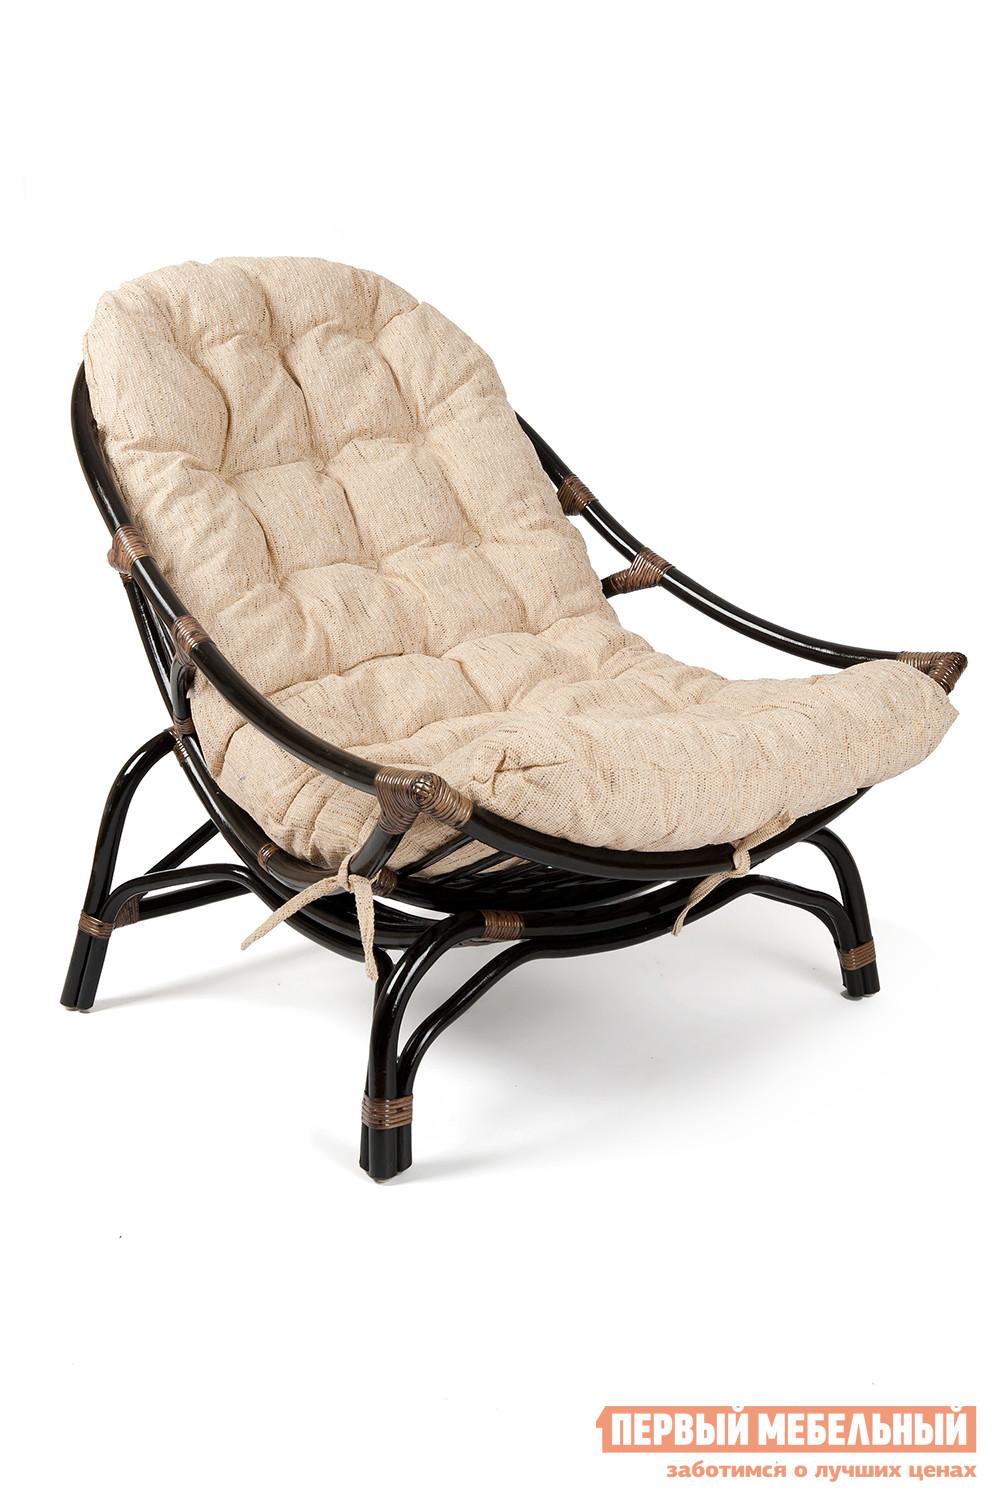 Плетеное кресло Tetchair VINECE с матрасом плетеное подвесное кресло тенерифе